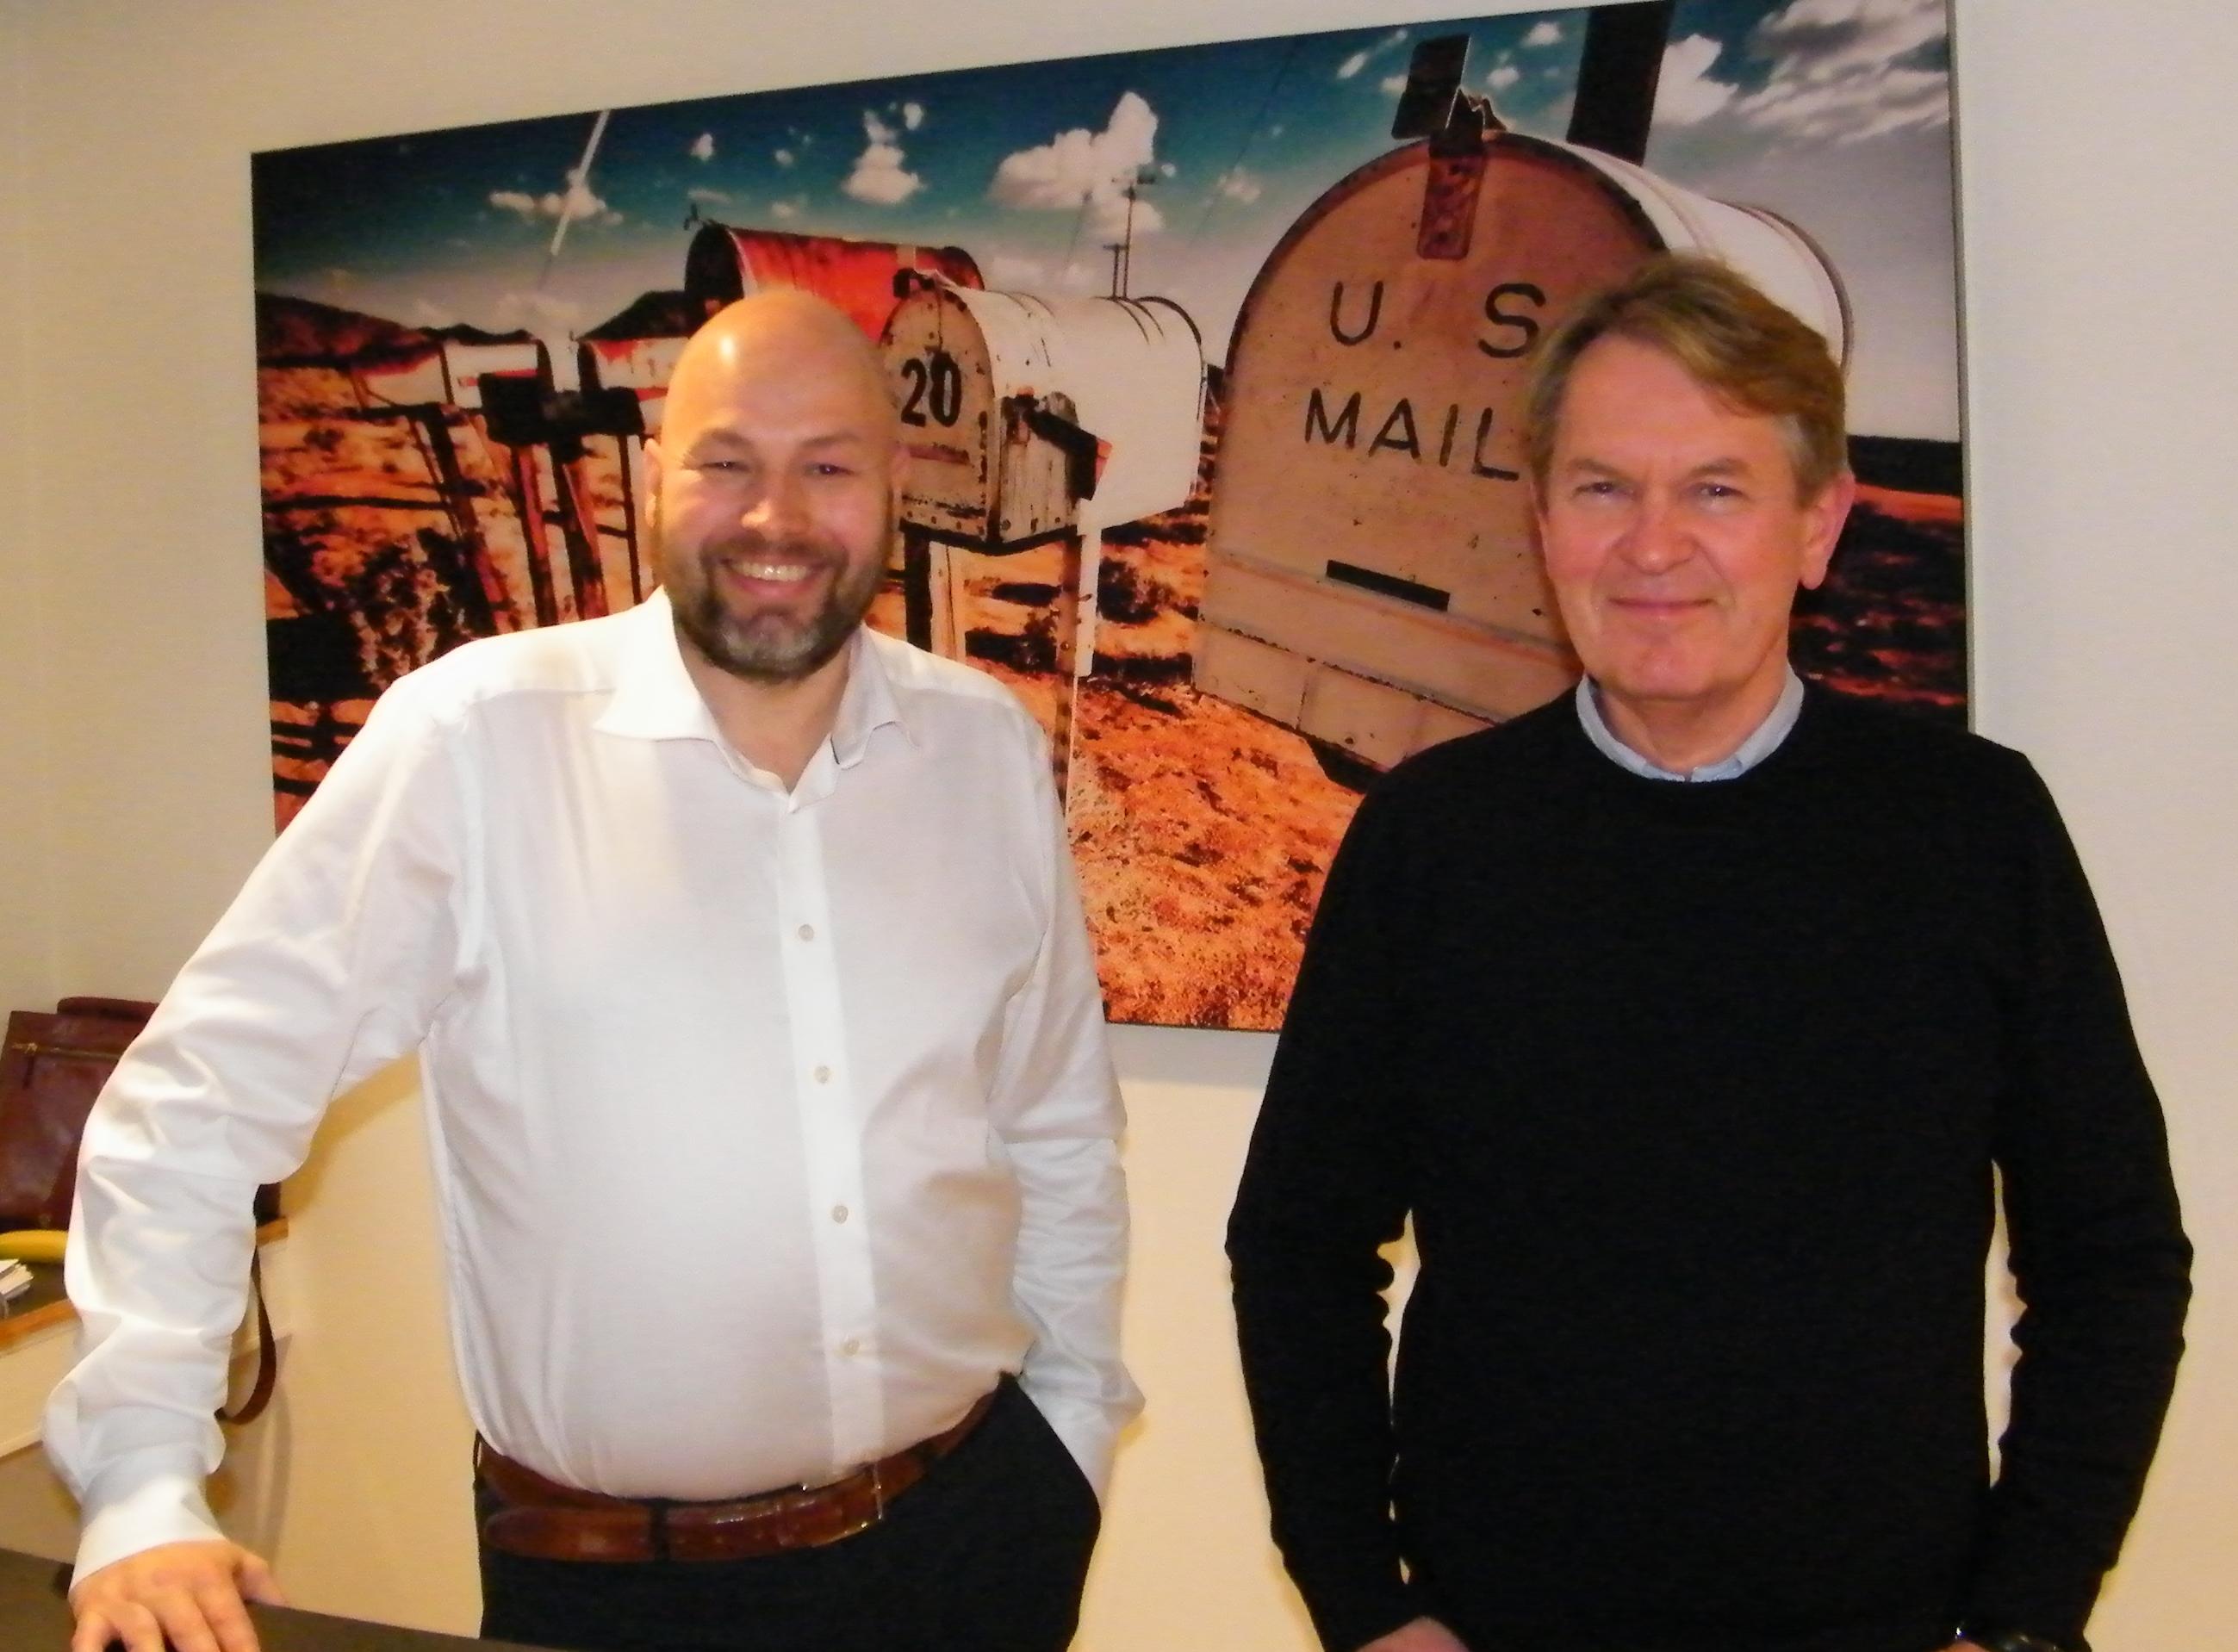 FDM travels administrerende direktør, Anders Iversen, til venstre, med salgs- og indkøbschef Jesper Ewald. Foto: Henrik Baumgarten.